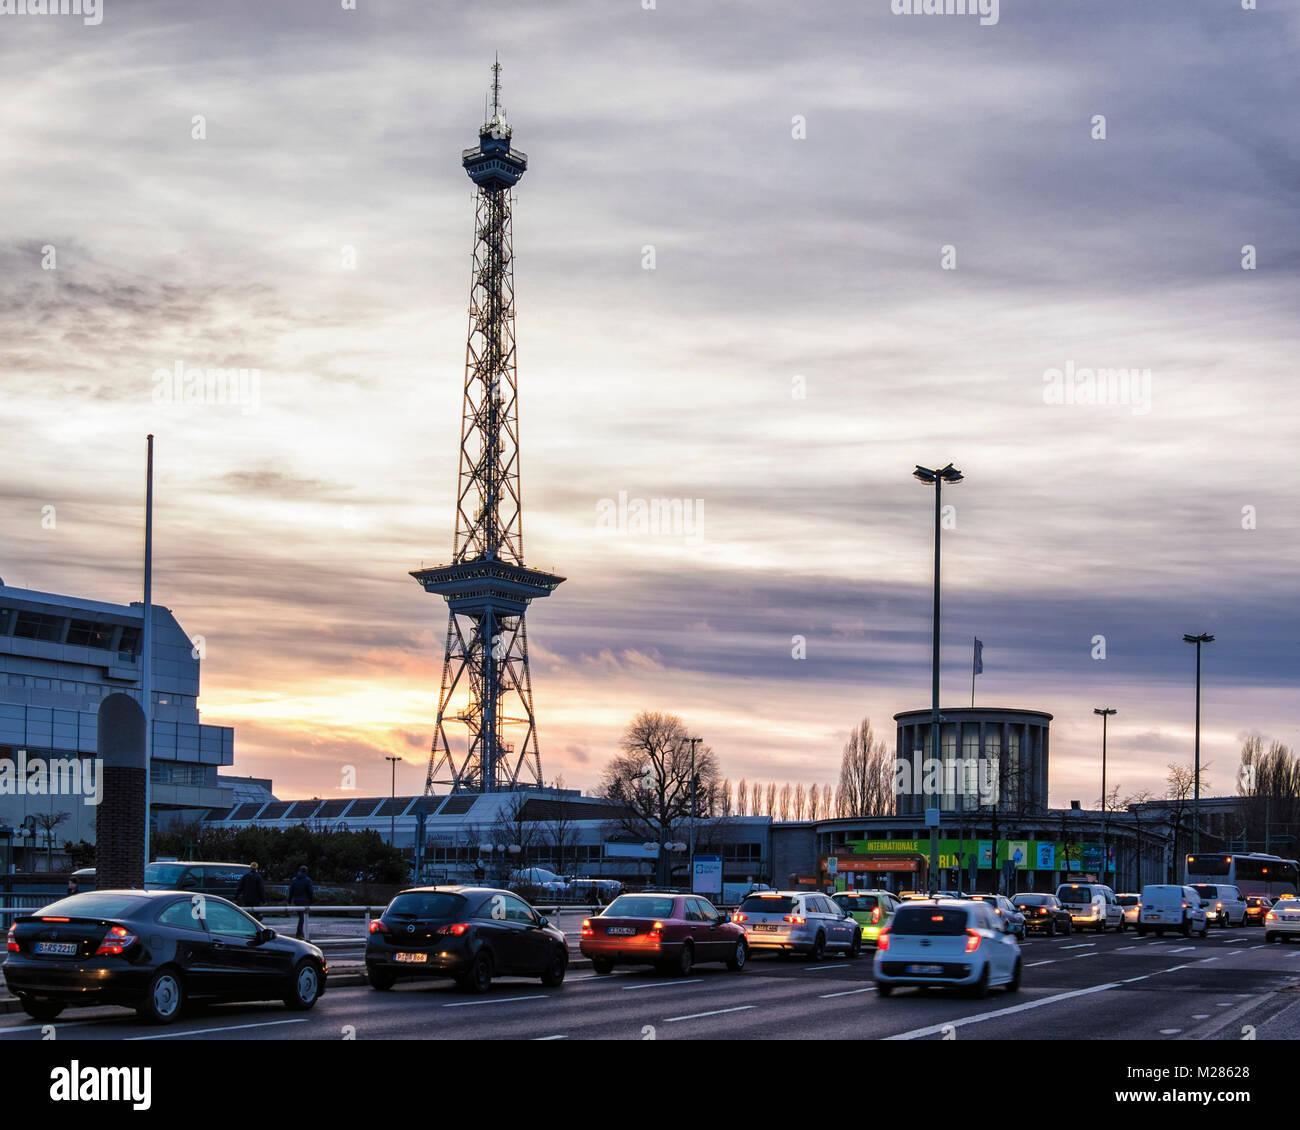 Berlín Funkturm torre de radio. Antigua torre de radiodifusión con ...